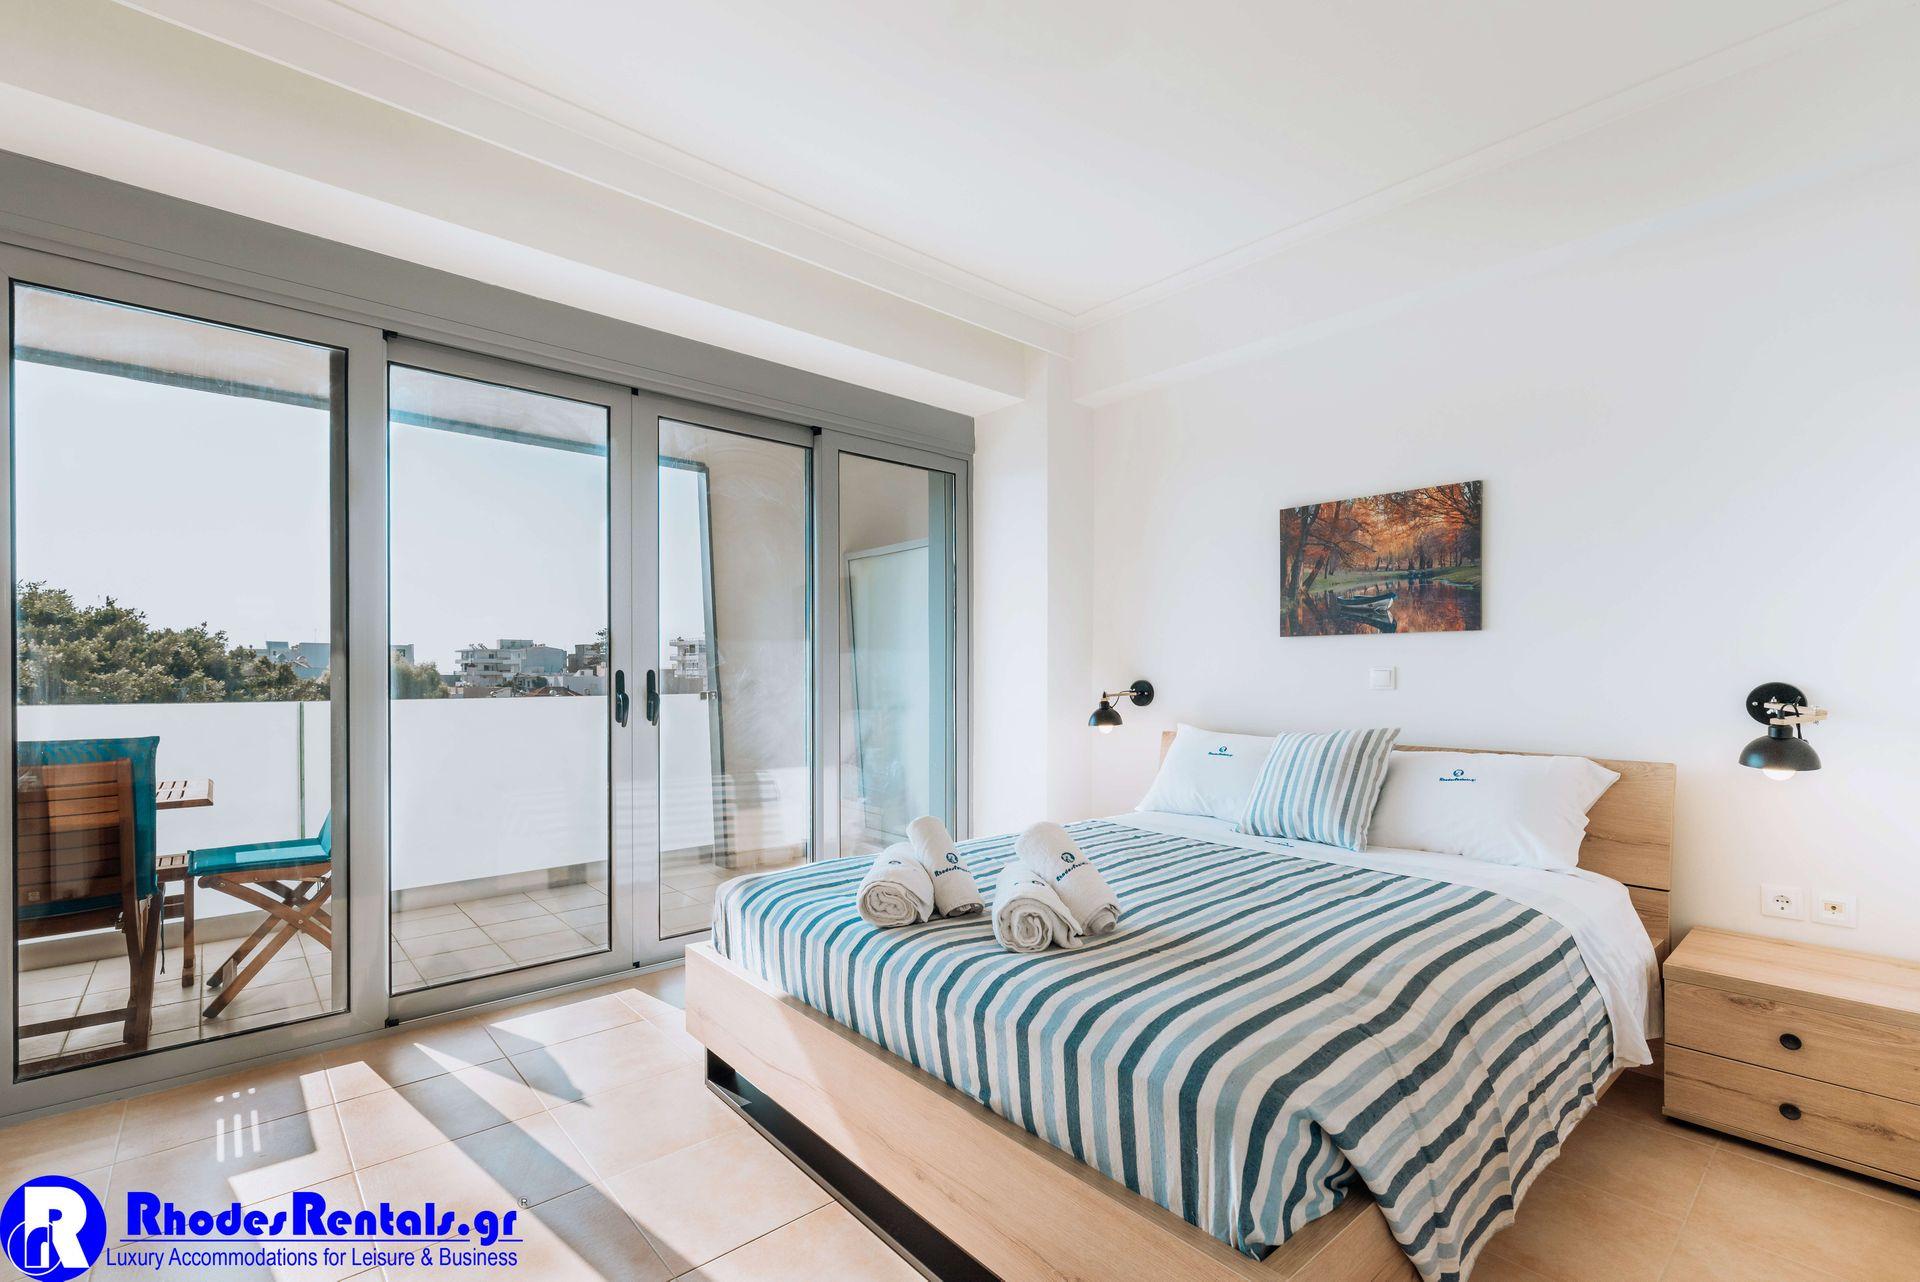 Rhodes Port Haven Suite - Ρόδος ✦ 2 Ημέρες (1 Διανυκτέρευση) ✦ 2 άτομα ✦ Χωρίς Πρωινό ✦ 01/09/2020 έως 30/09/2020 ✦ Free WiFi